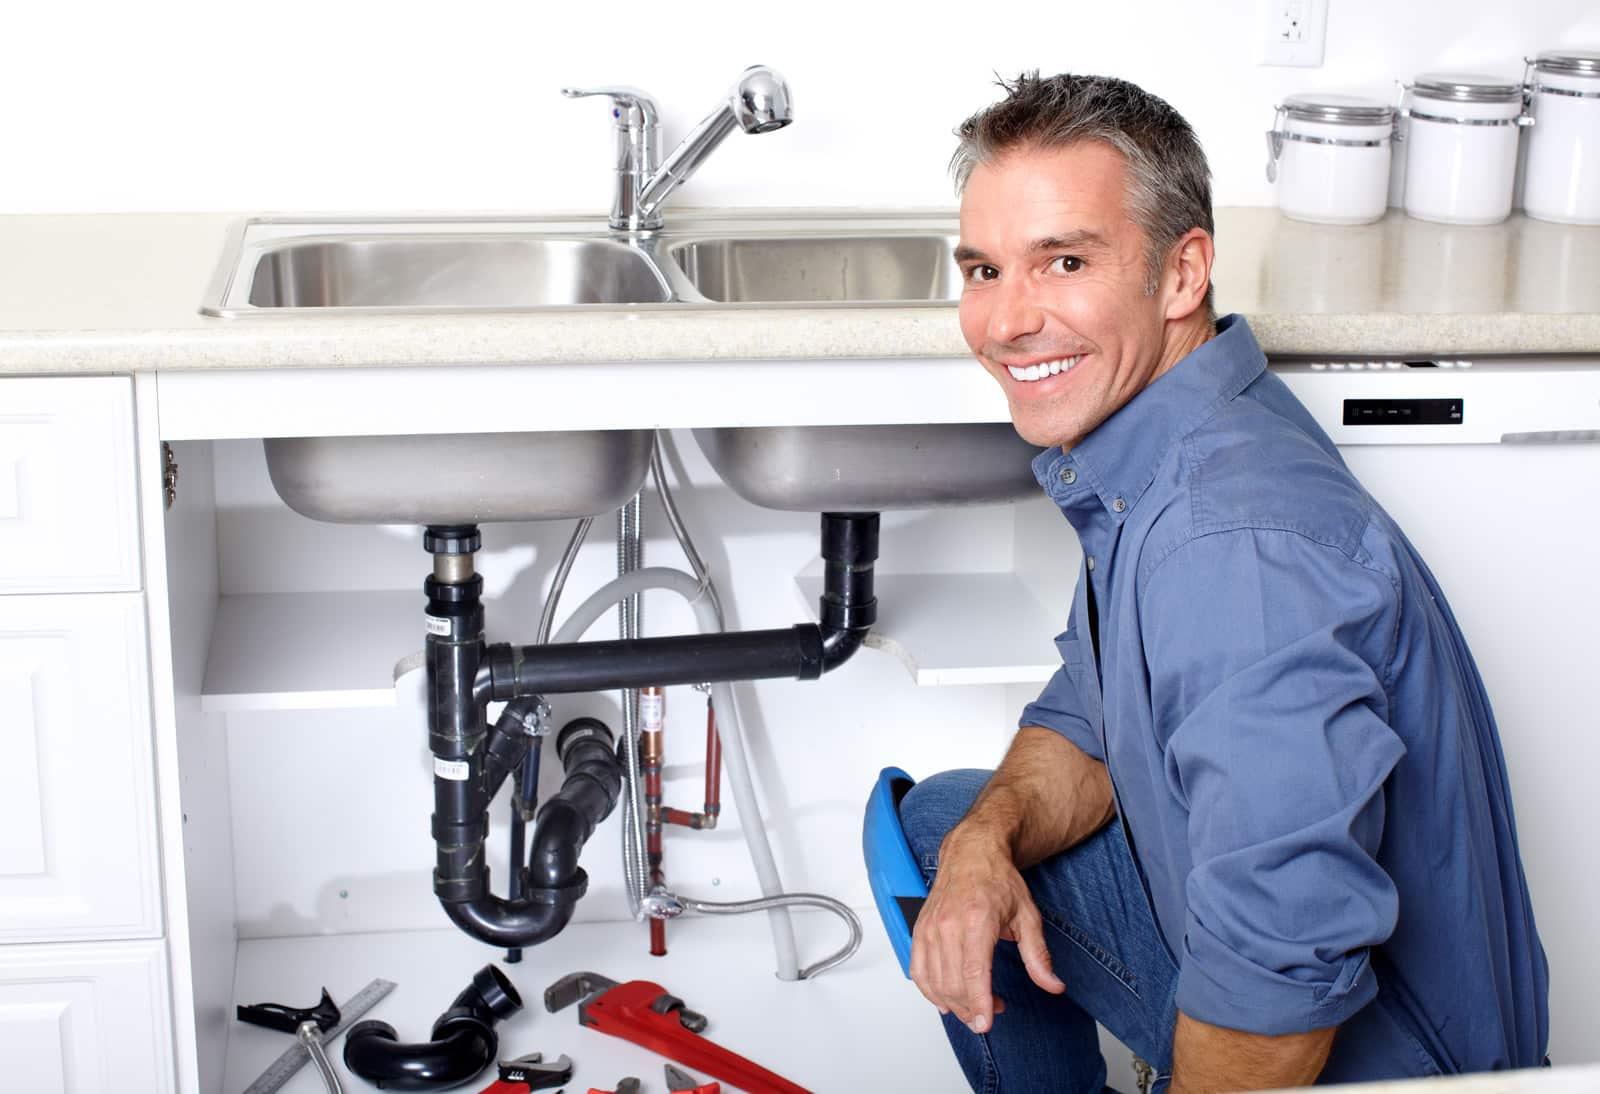 Détection de fuite d'eau, les méthodes qui marchent